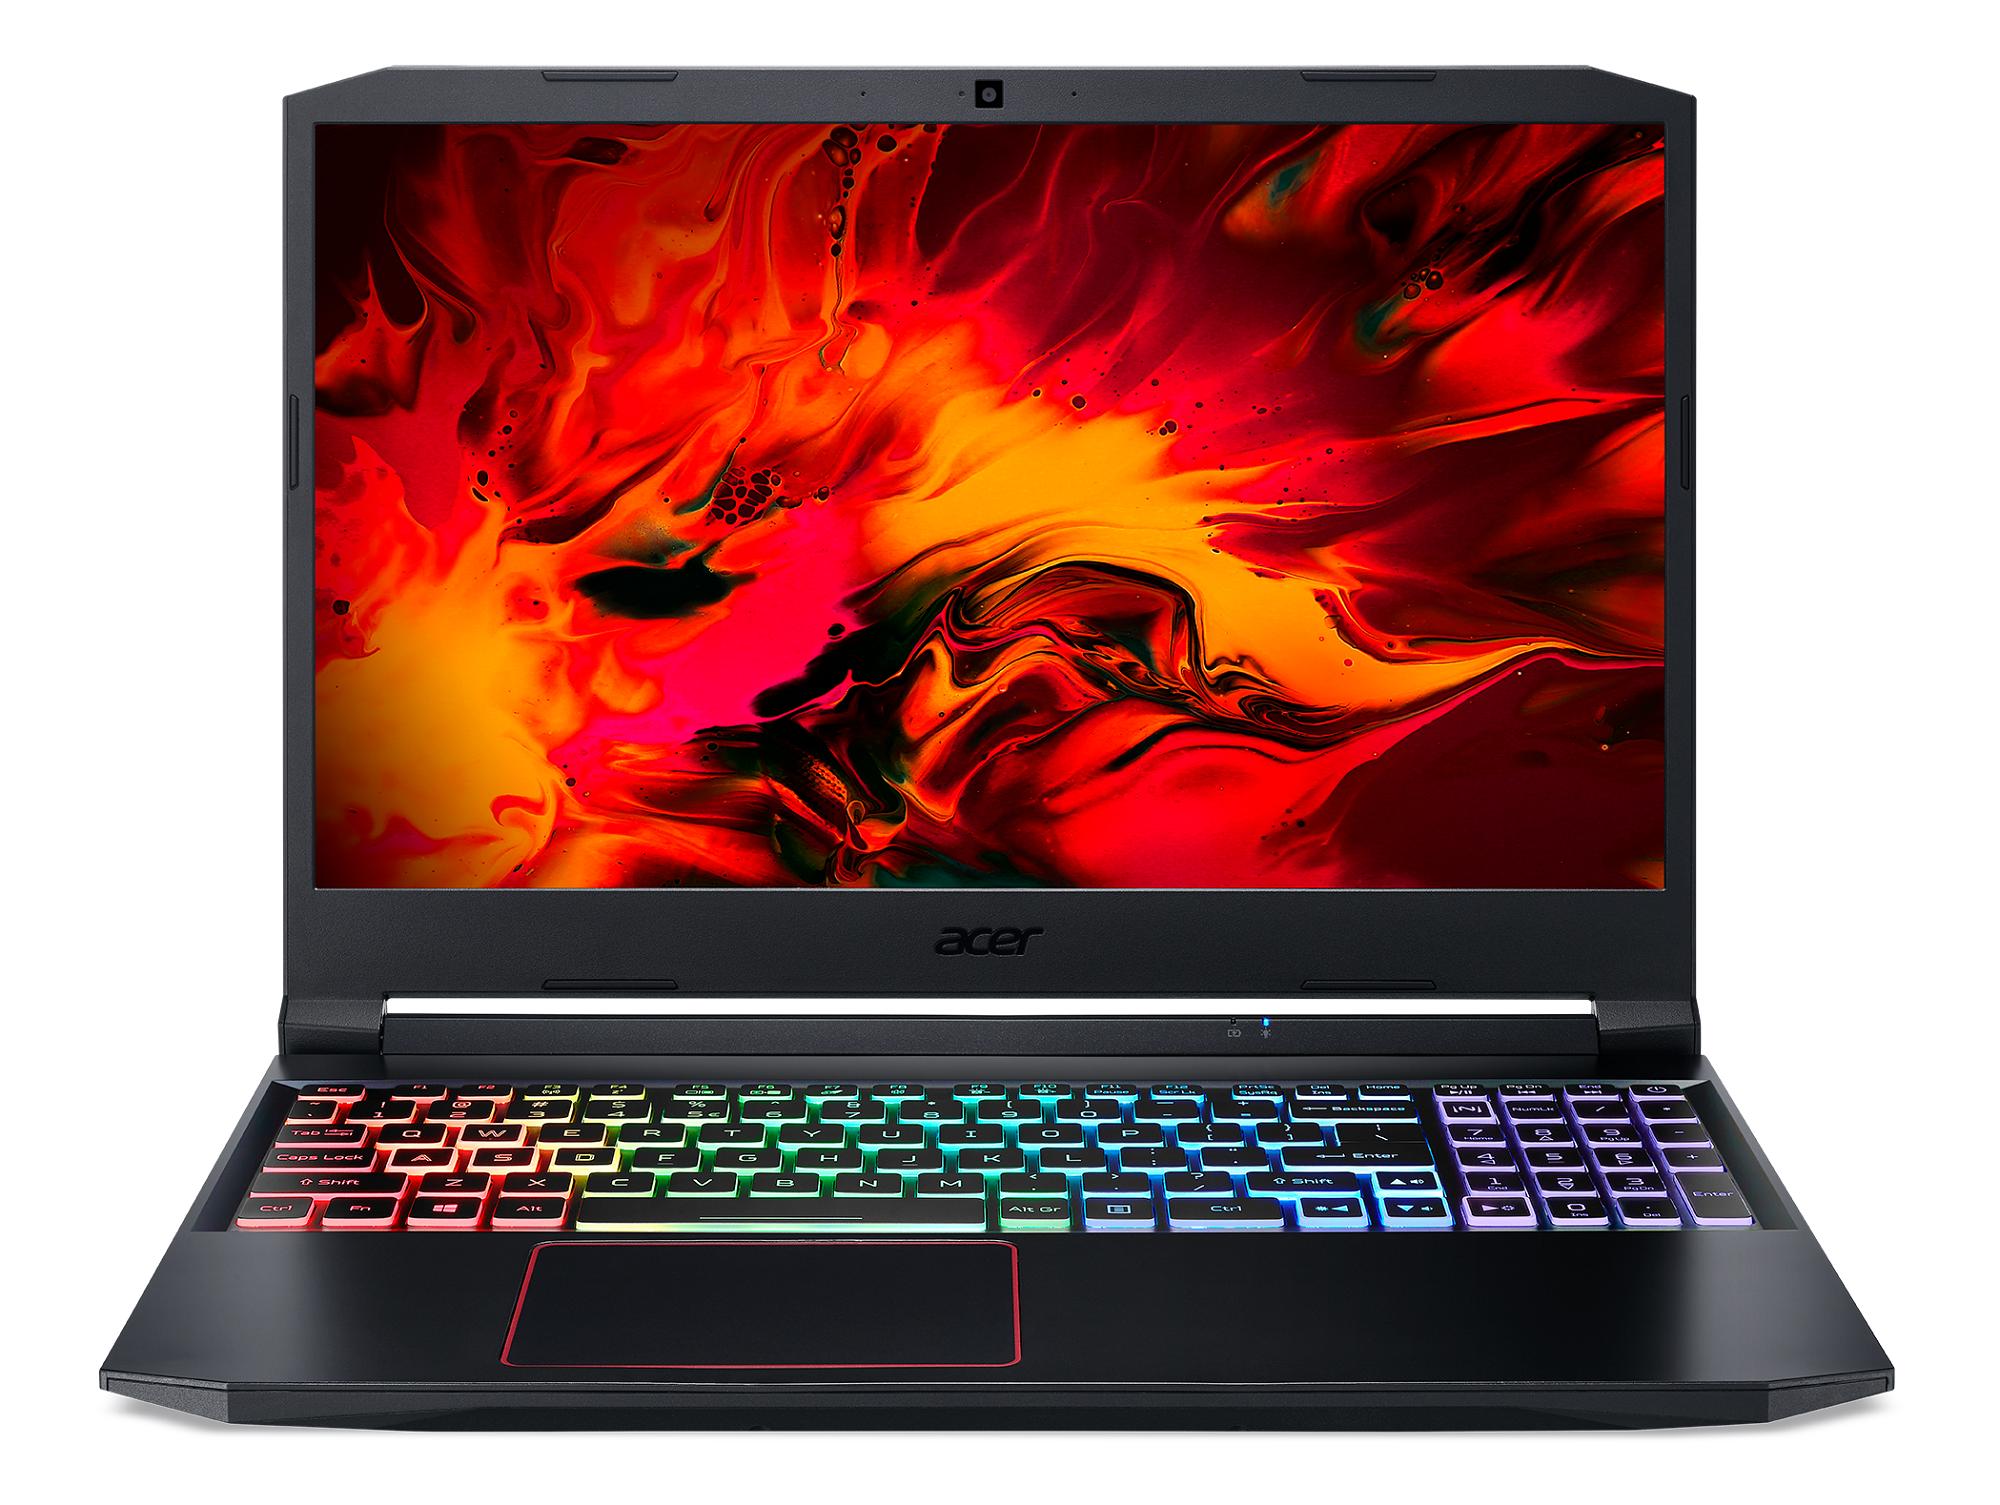 Acer Nitro 5 - 15,6''/i5-10300H/2*8G/1TBSSD/RTX2060/144Hz/W10 černý - NH.Q7QEC.005